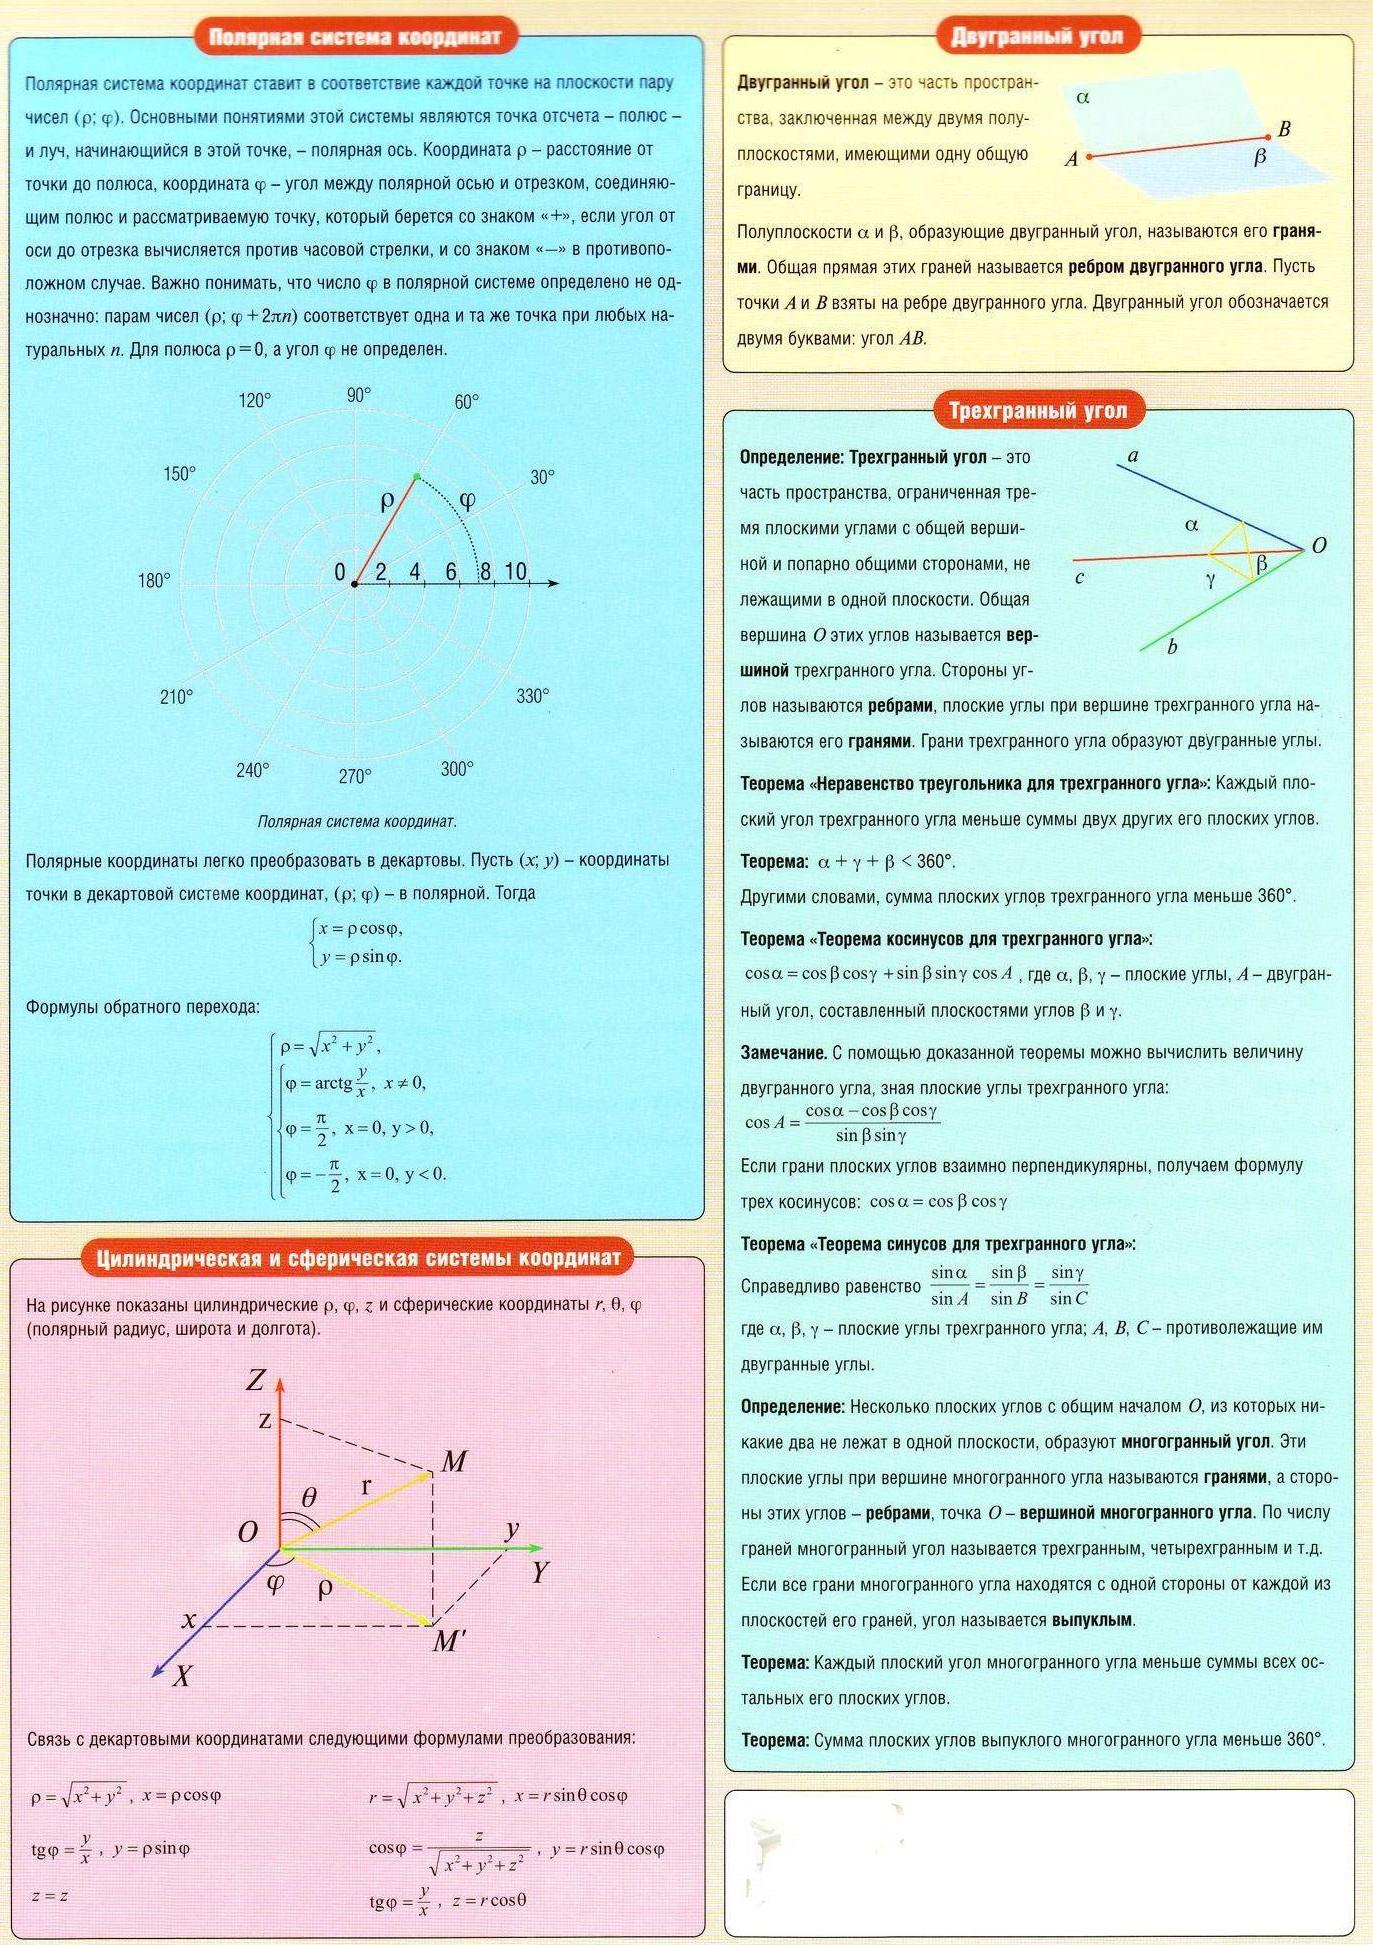 Полярная система координат. Цилиндрическая и сферическая системы координат. Двугранный угол. Трехгранный угол.